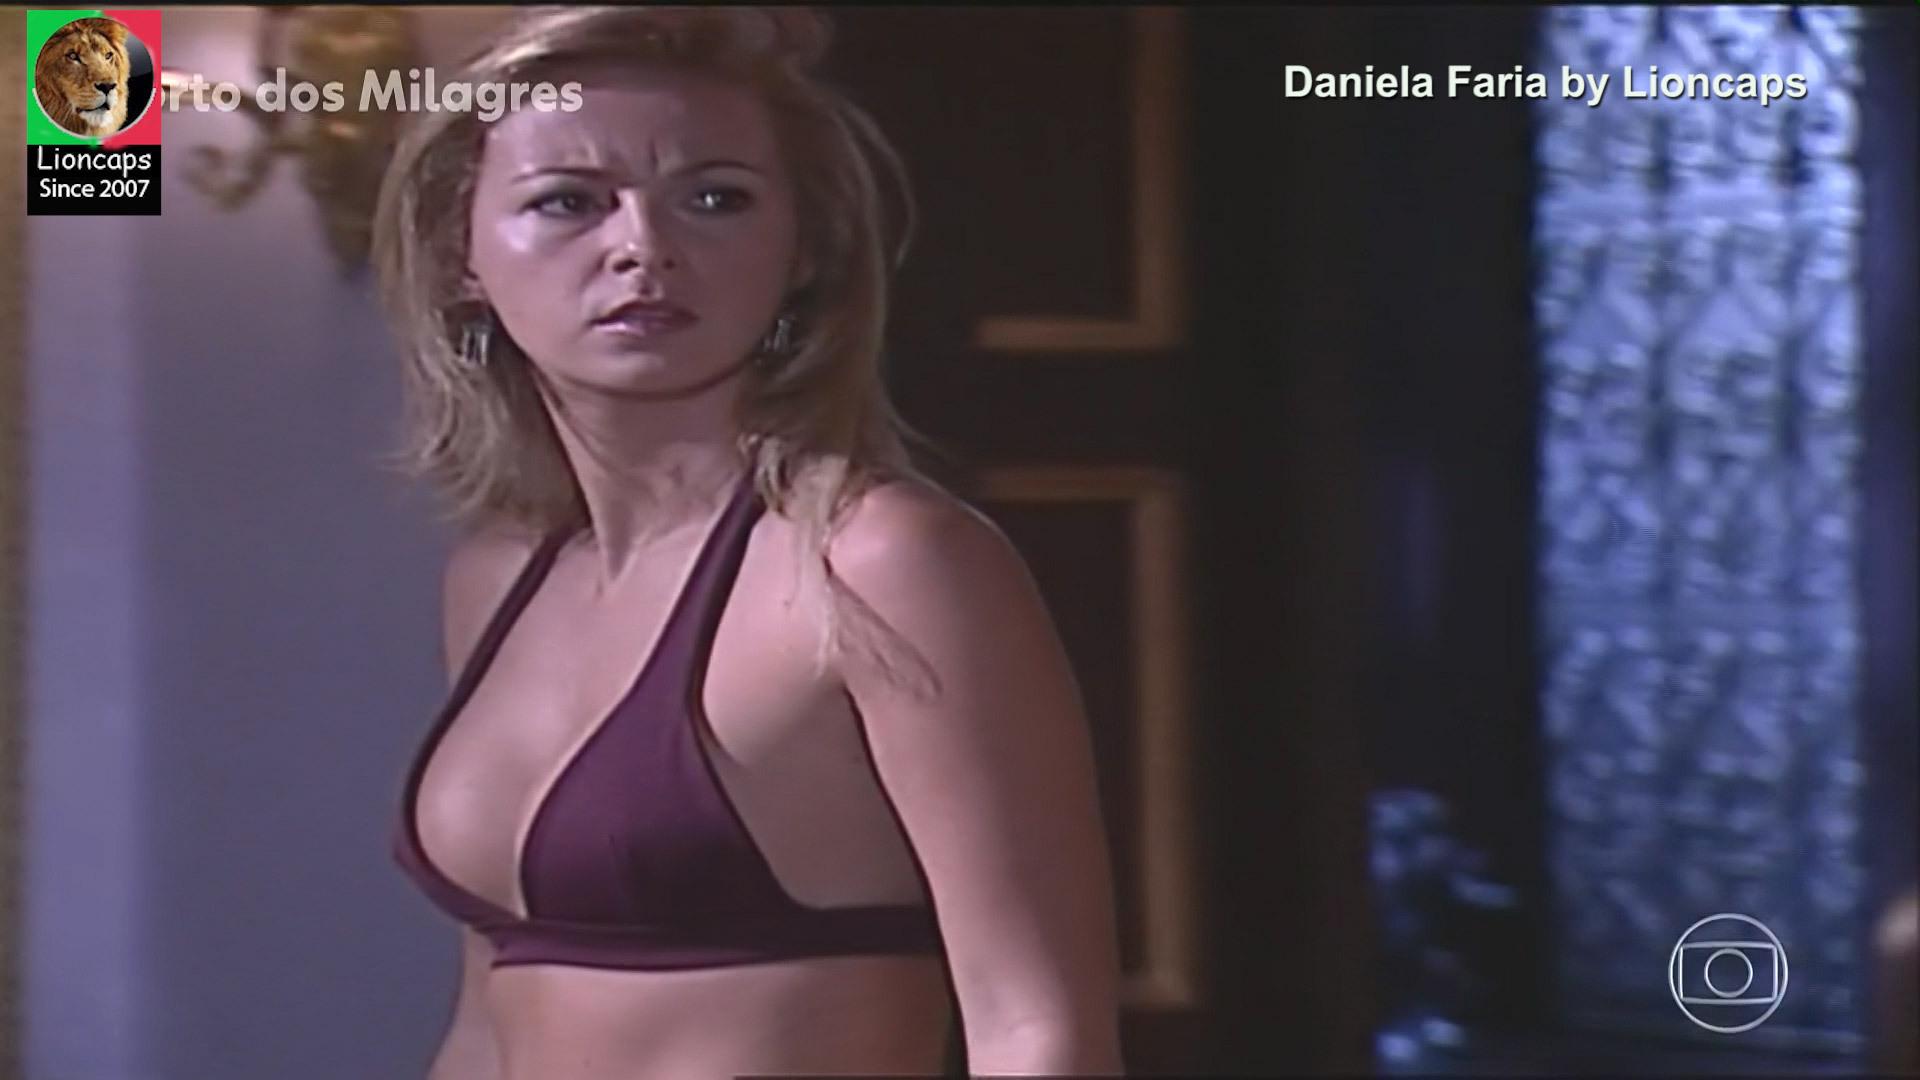 daniela_faria (32).jpg